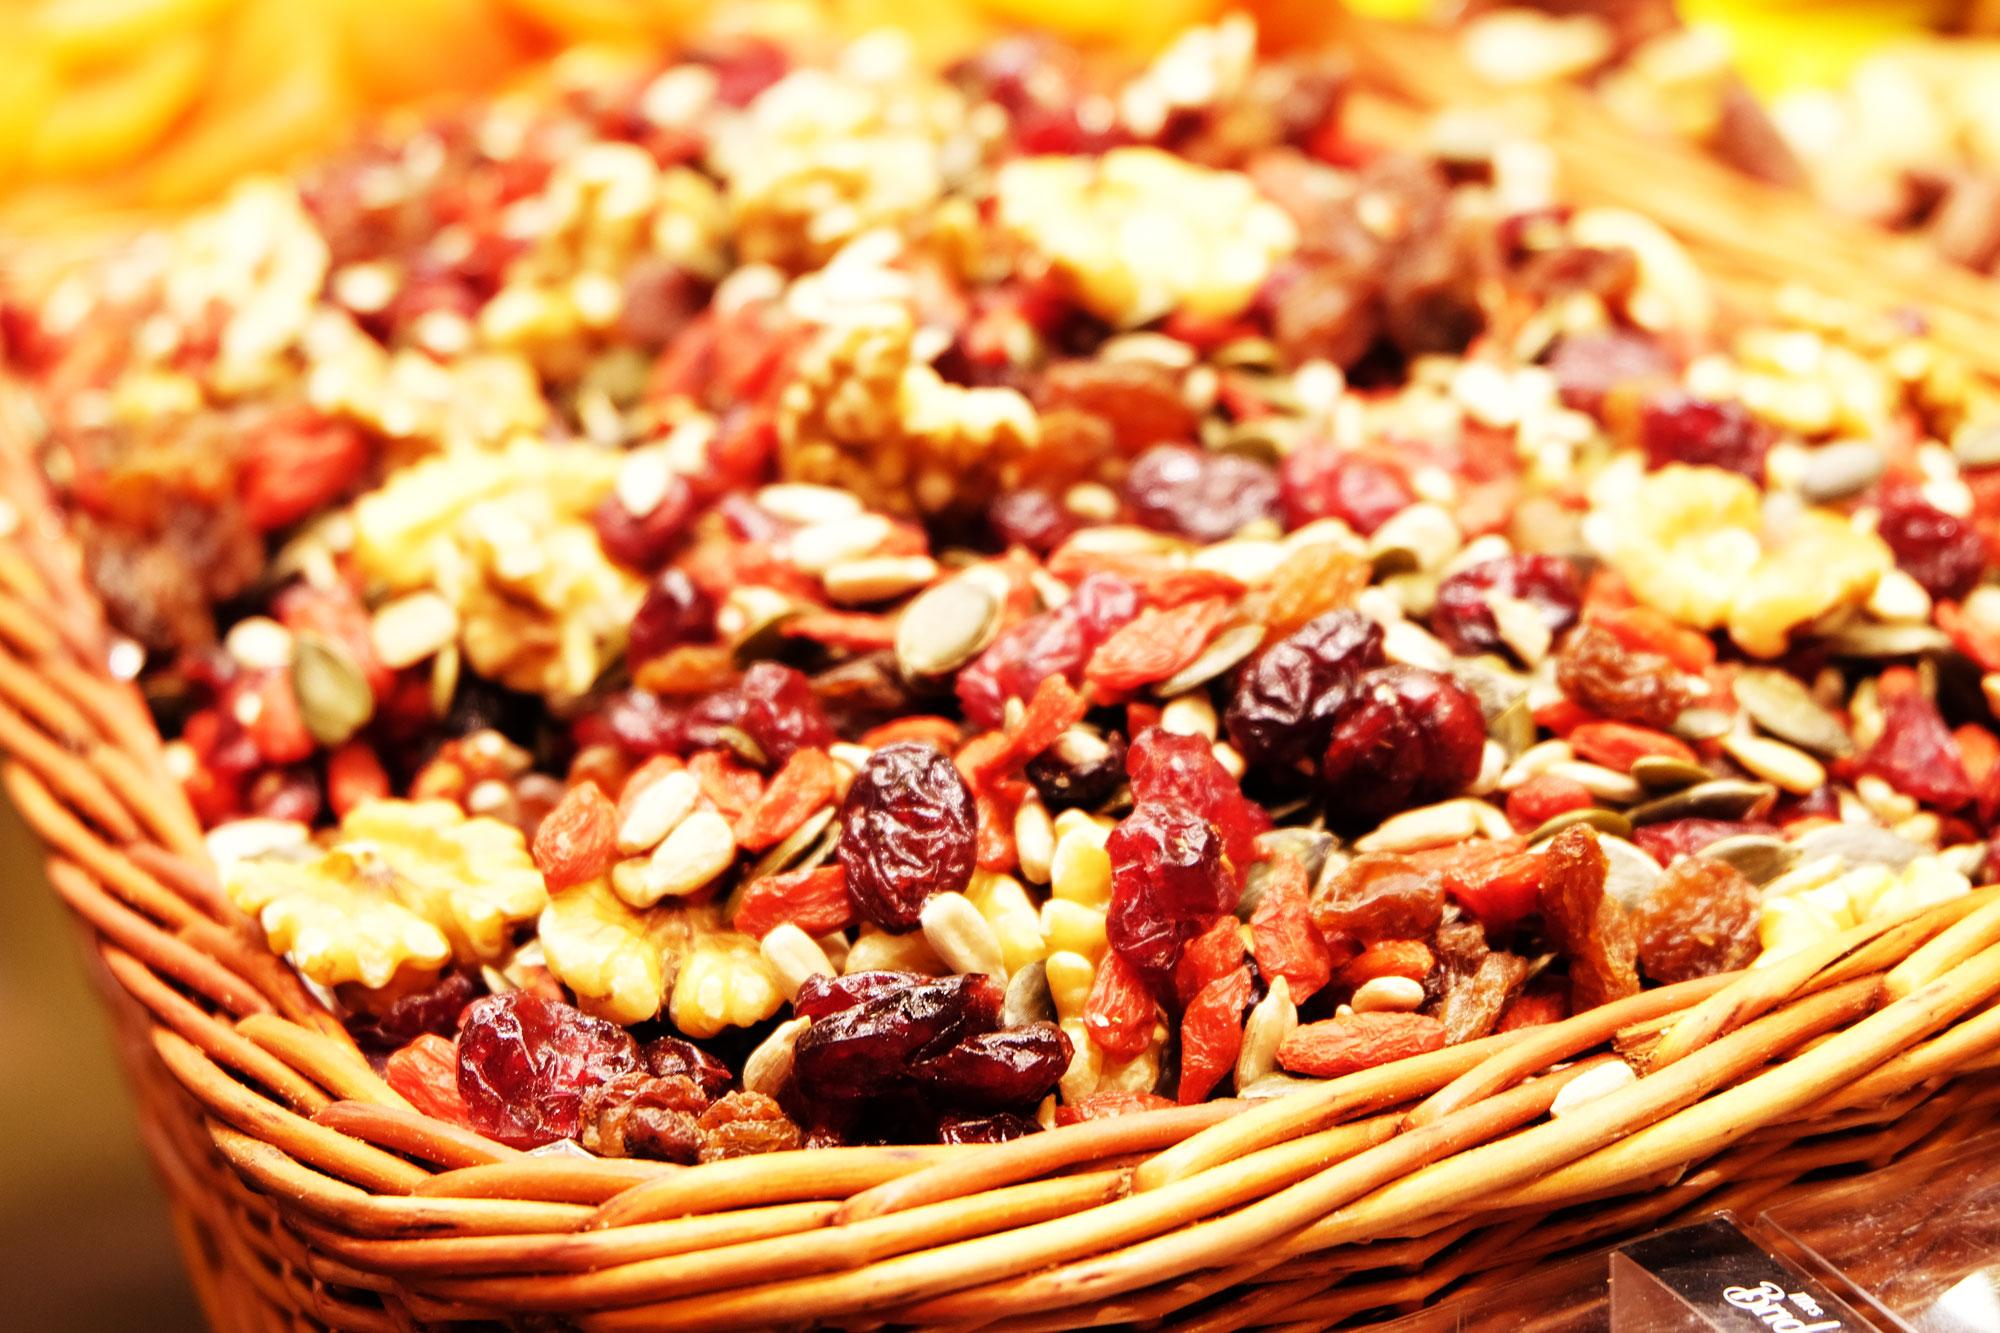 mercato-bouqueria-frutta-secca